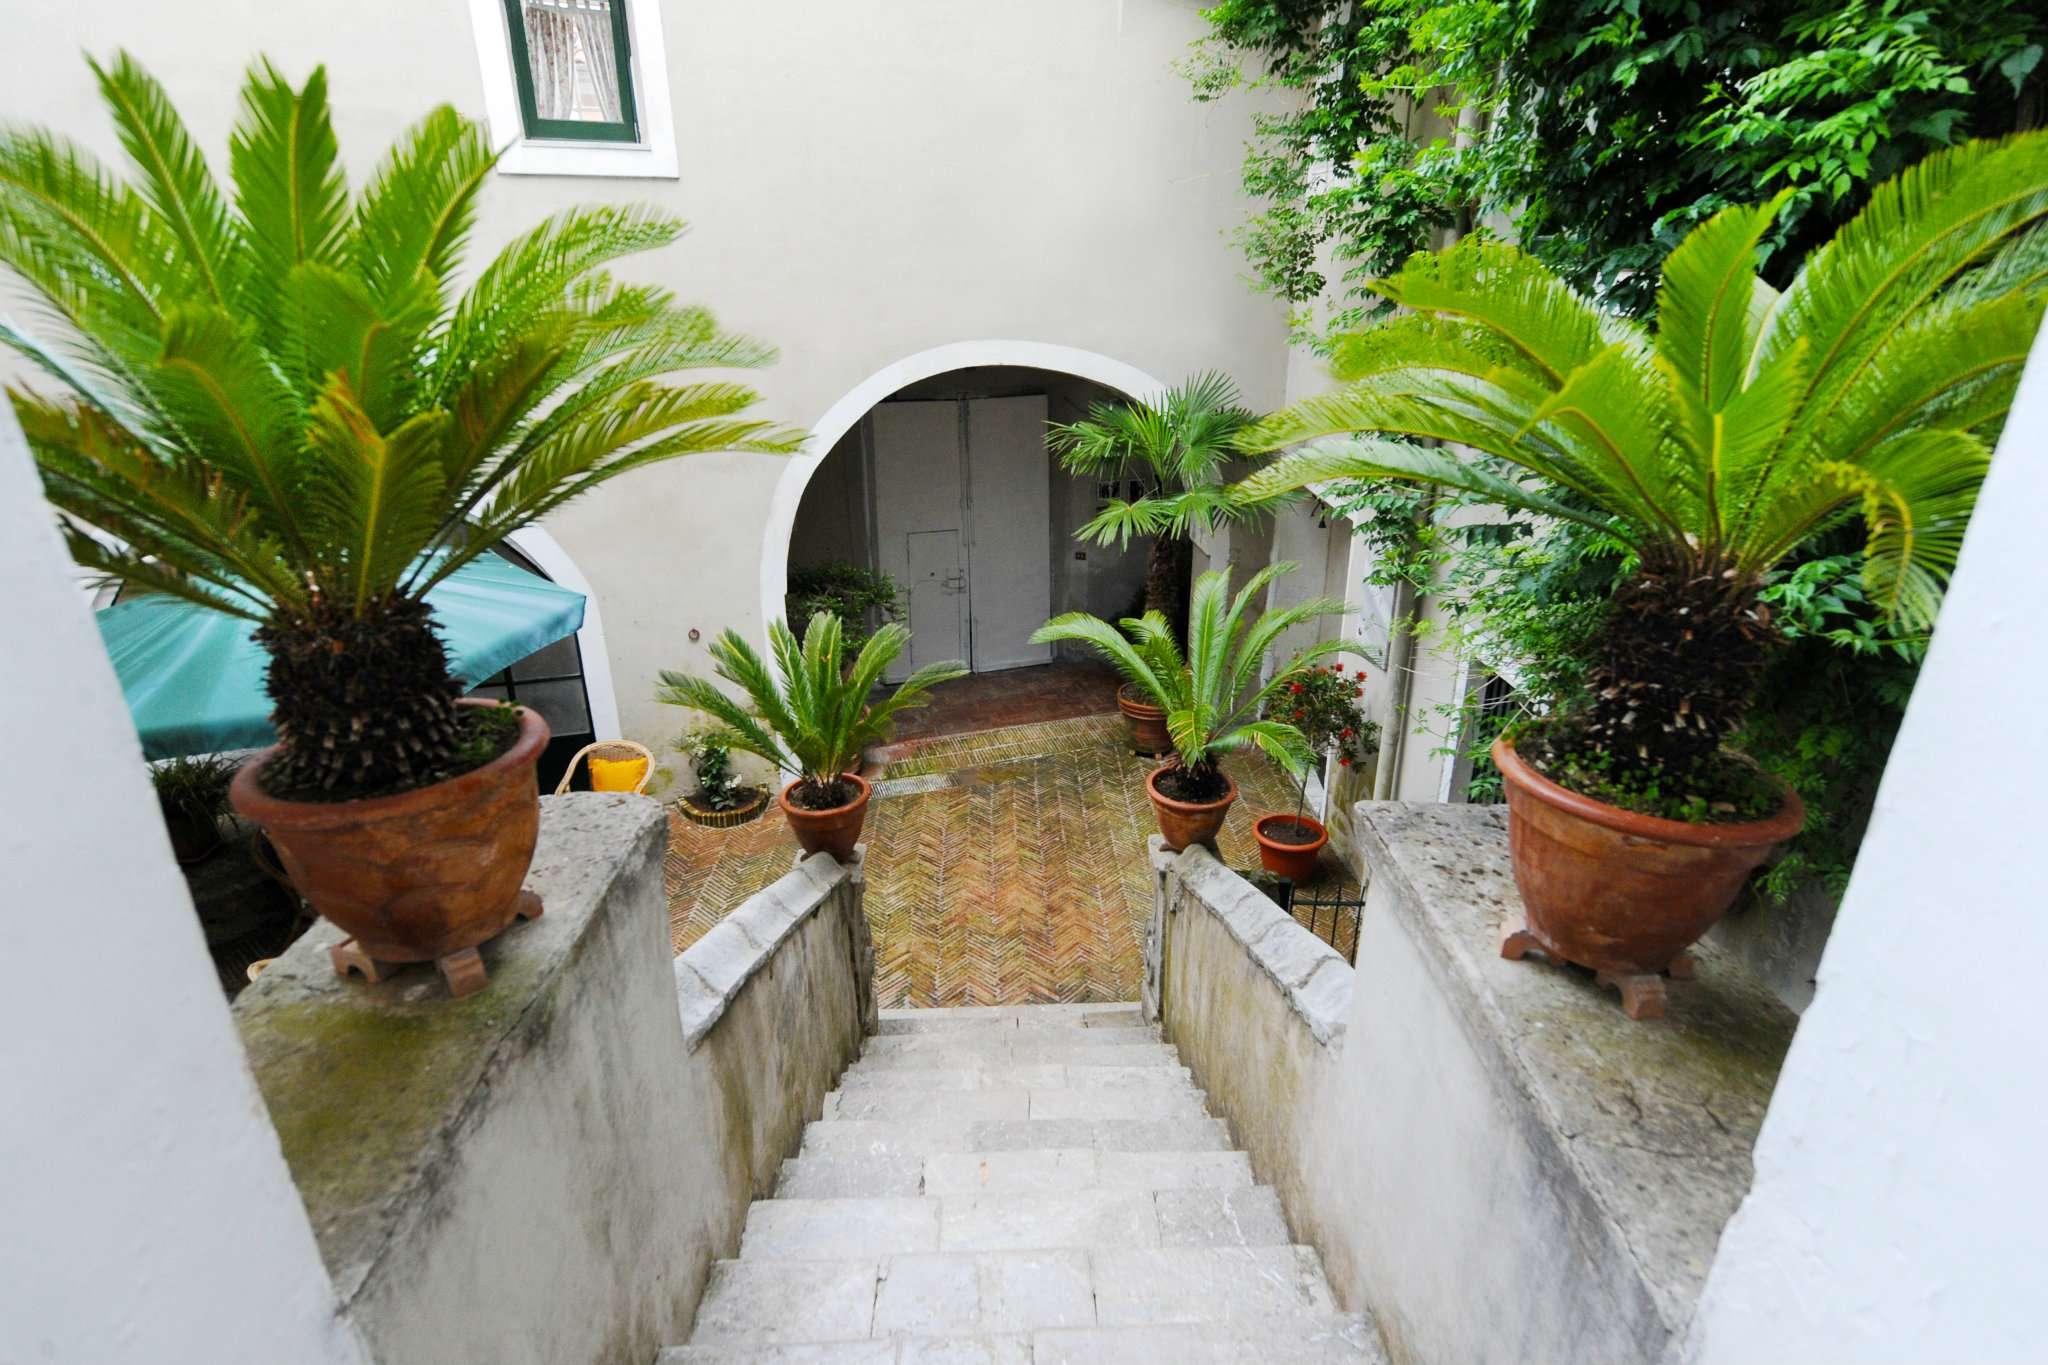 Palazzo / Stabile in vendita a Giffoni Sei Casali, 6 locali, prezzo € 570.000   CambioCasa.it